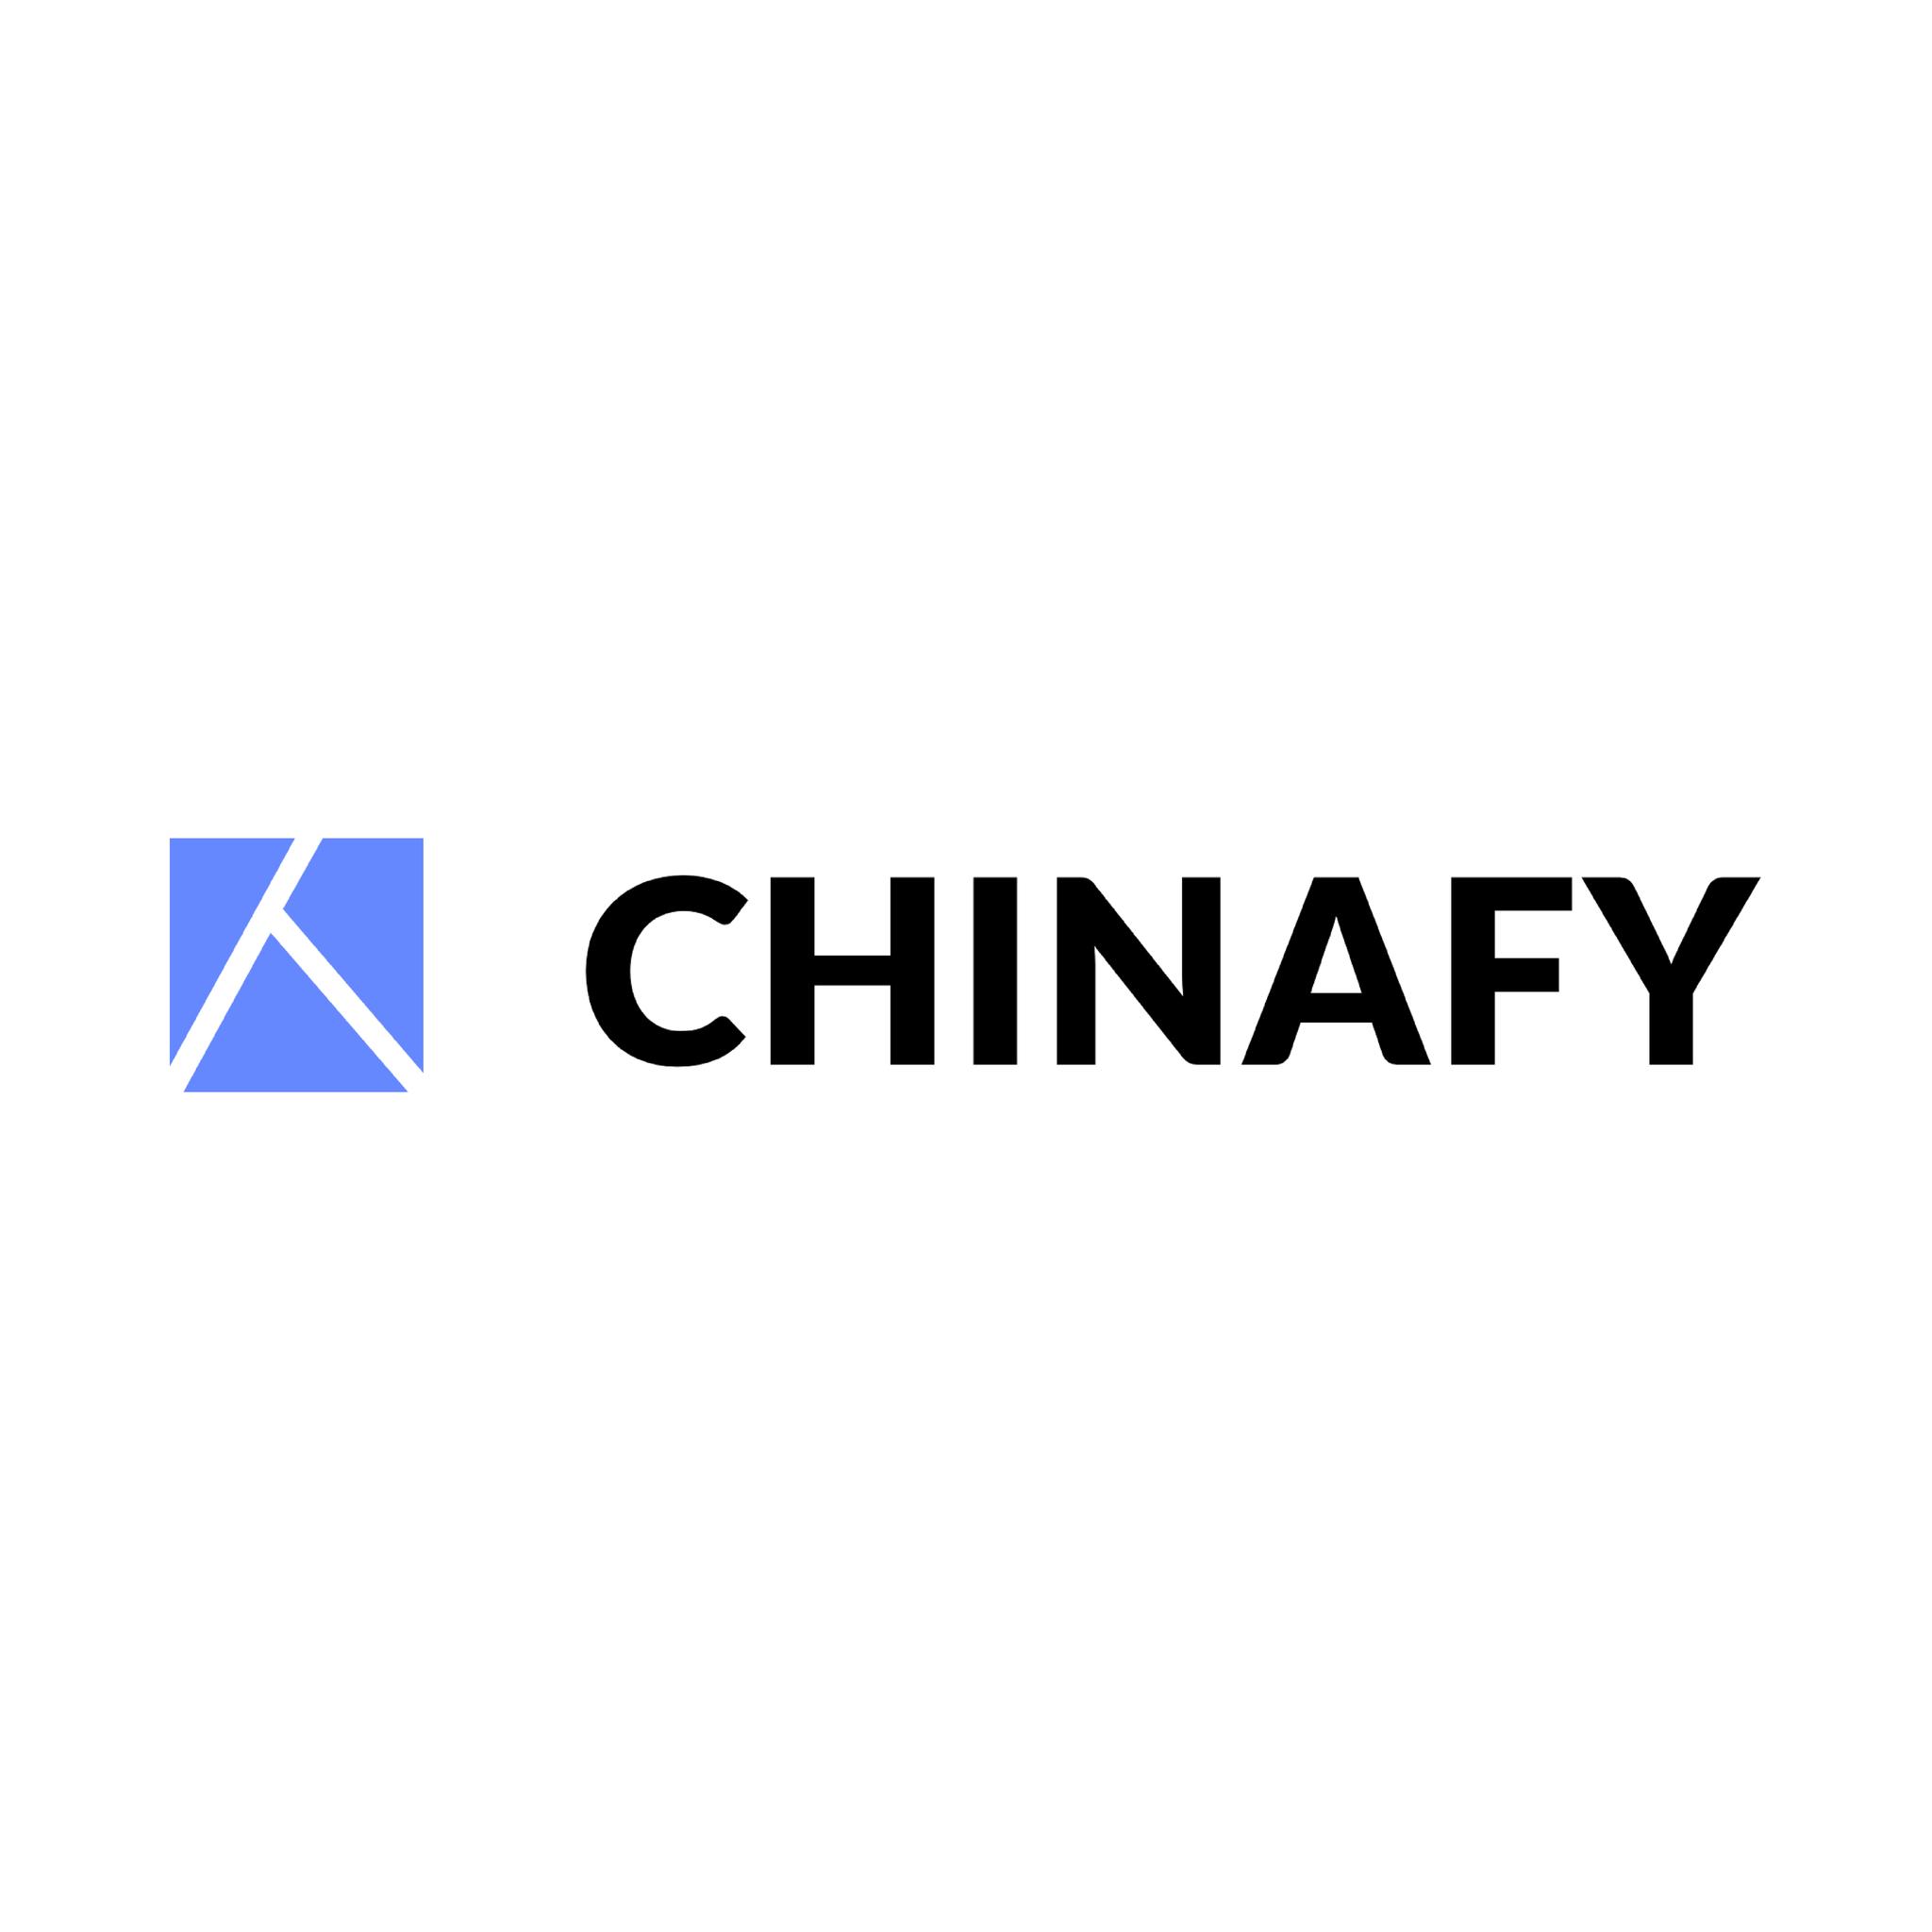 Chinafy